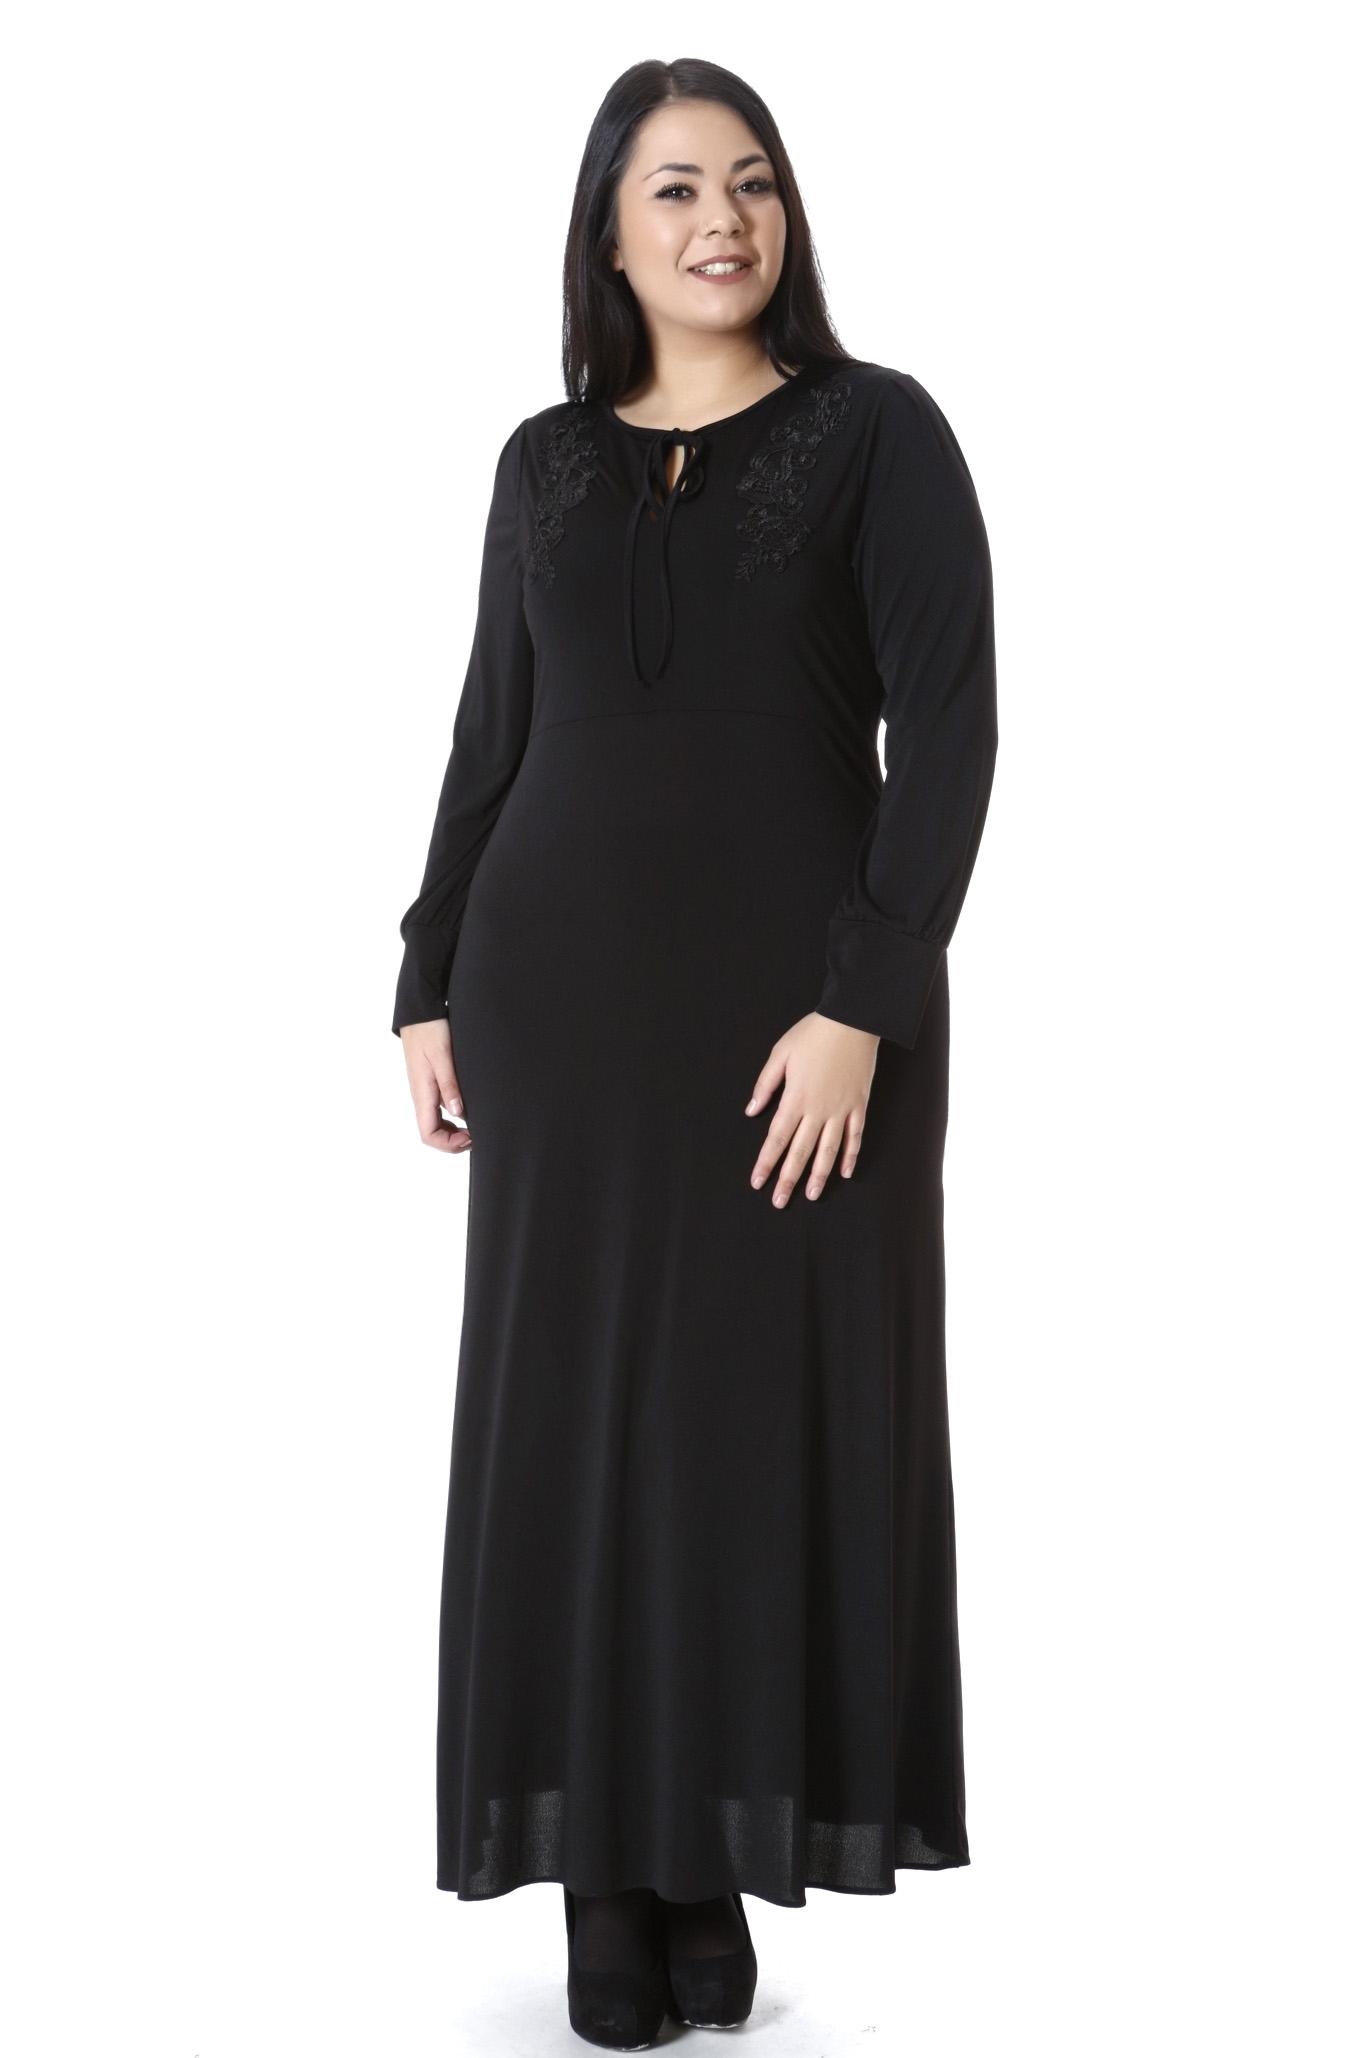 Καθημερινό μακρύ φόρεμα μαύρο νέες αφίξεις   ενδύματα   φορέματα   sunrose   brands